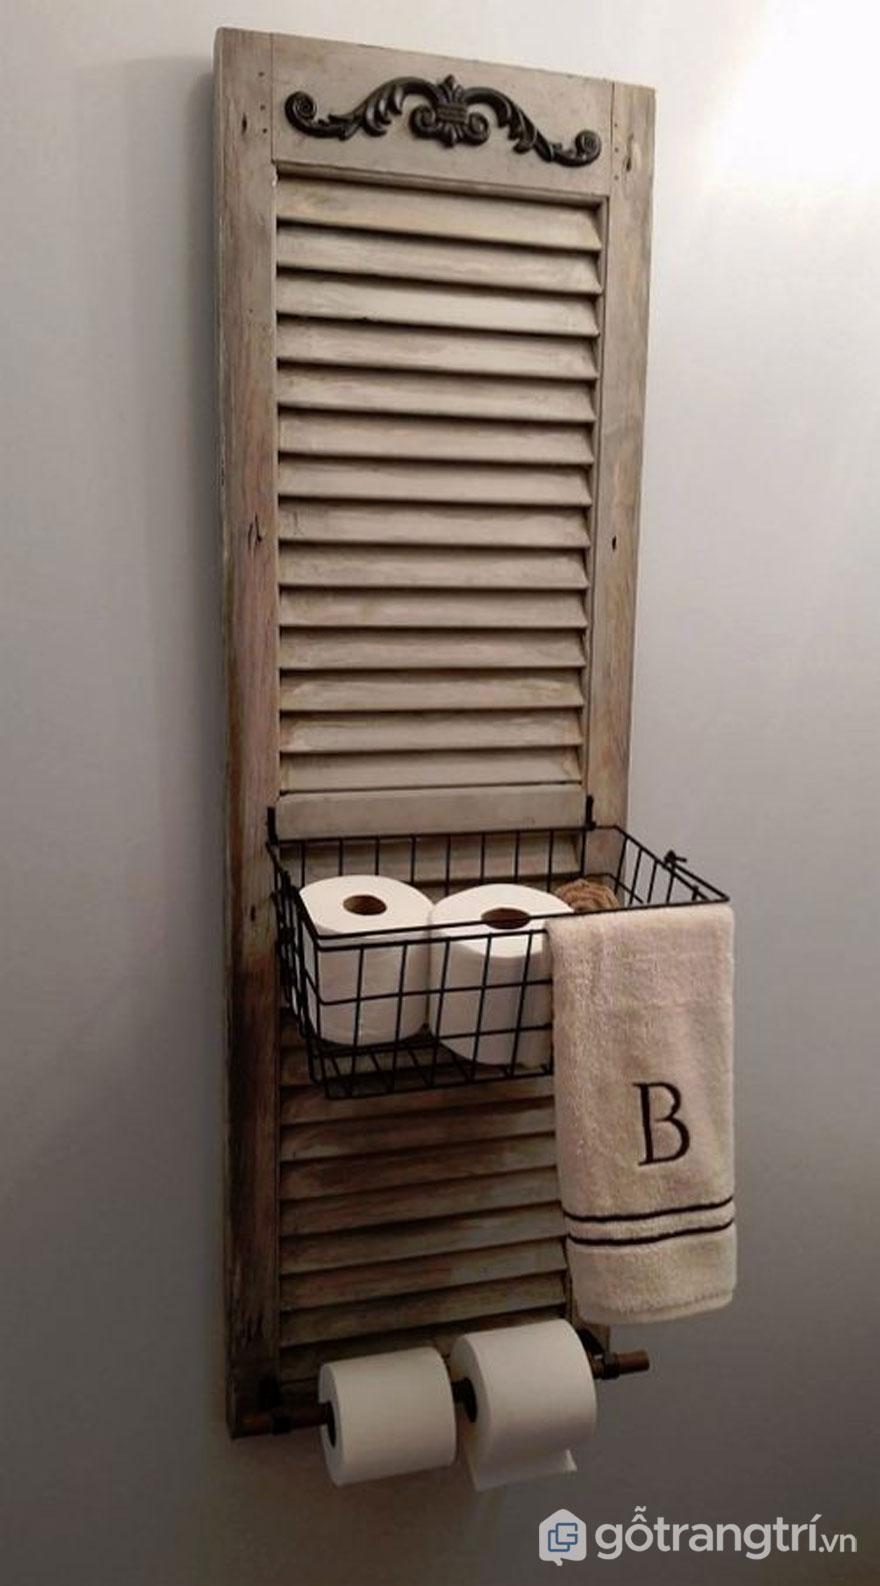 Tái chế cánh cửa gỗ cũ thành khay để đồ trong nhà tắm - Ảnh: Internet